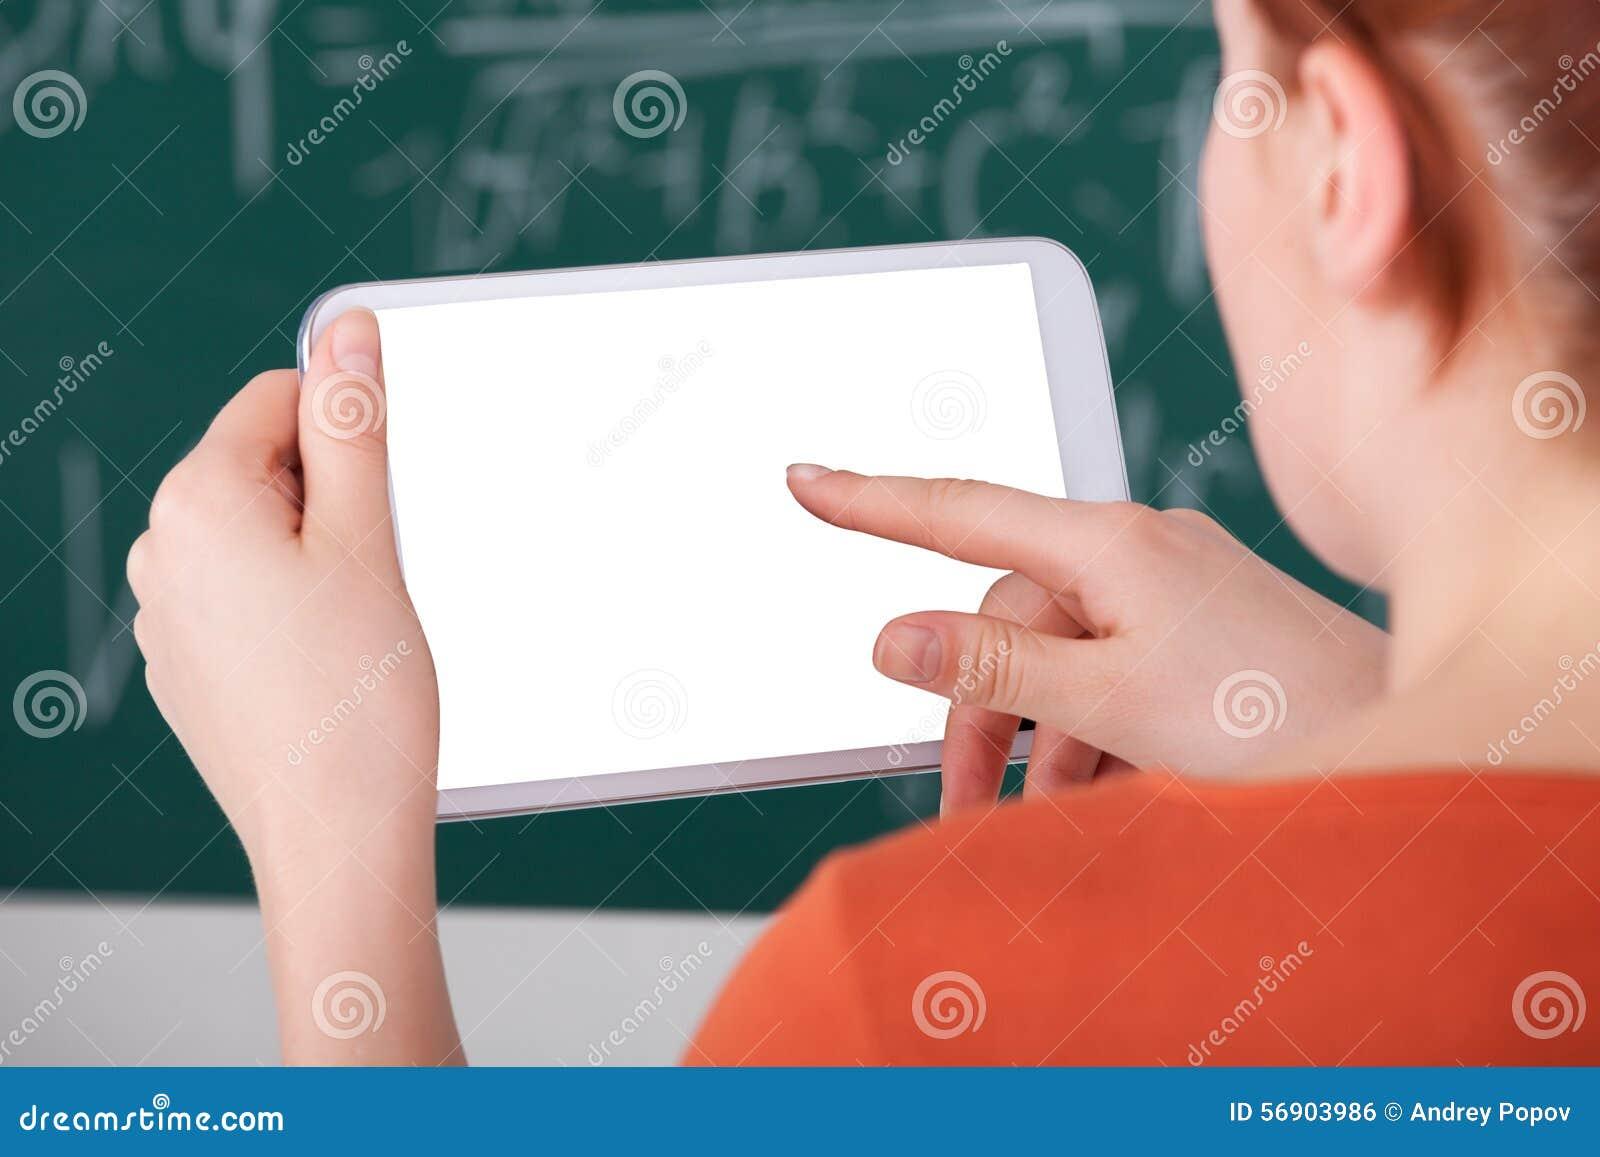 Γυναίκα που χρησιμοποιεί την ψηφιακή ταμπλέτα στην τάξη